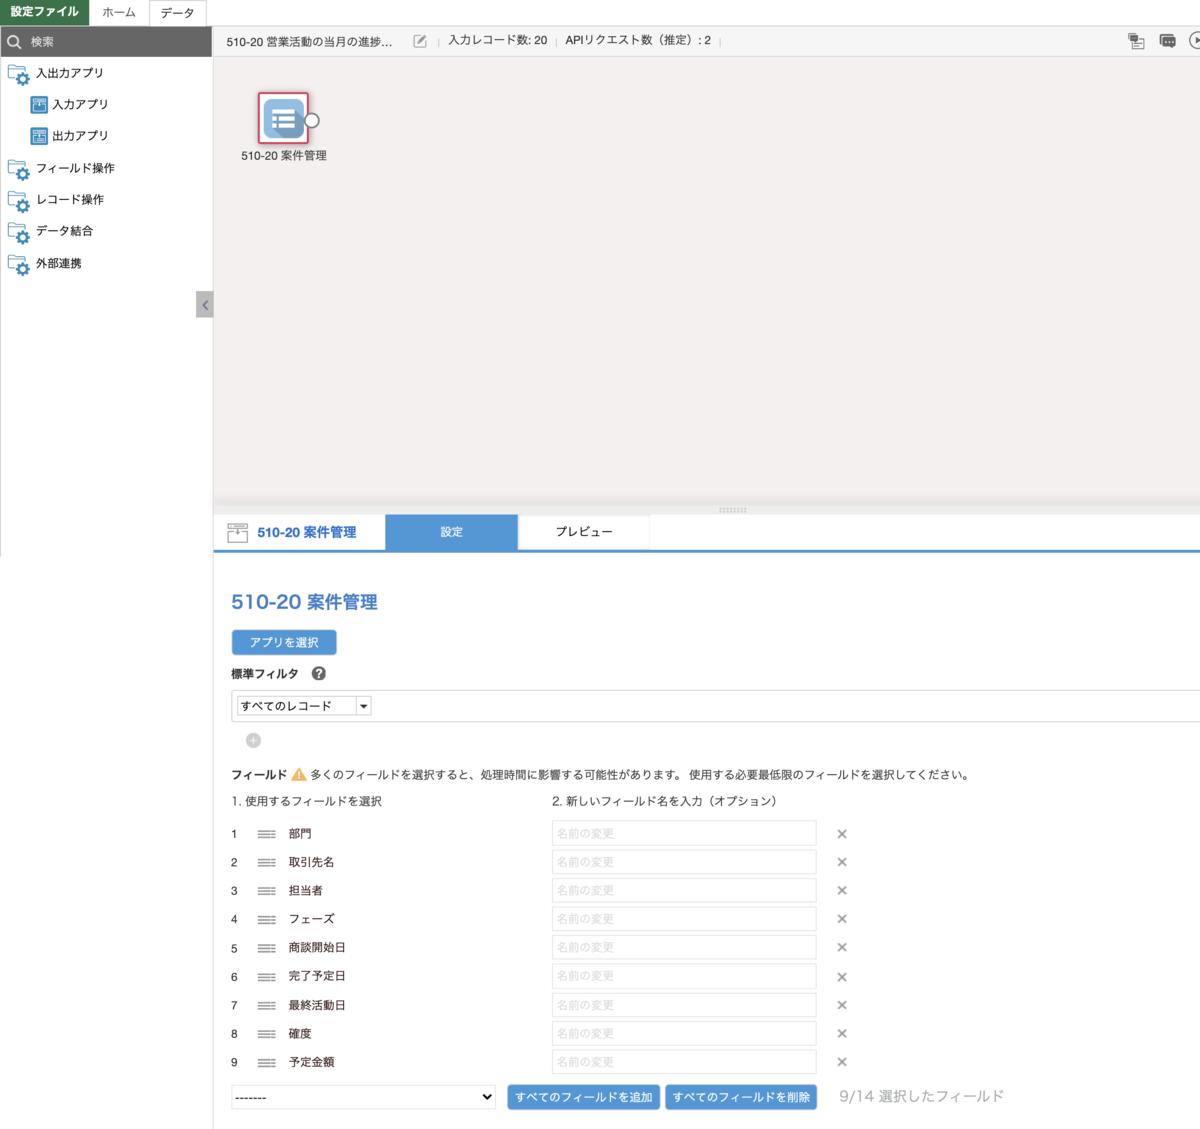 入力アプリコマンドで案件管理アプリを追加